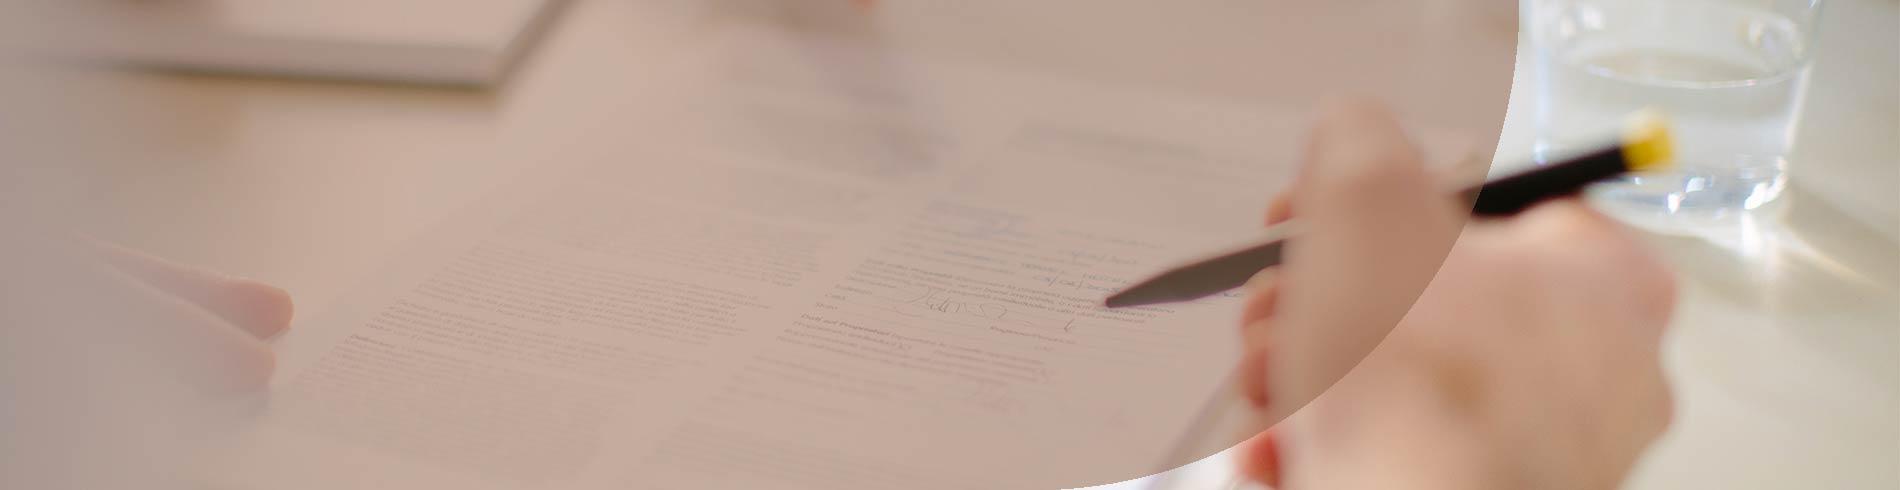 Assegurança de protecció jurídica familiar